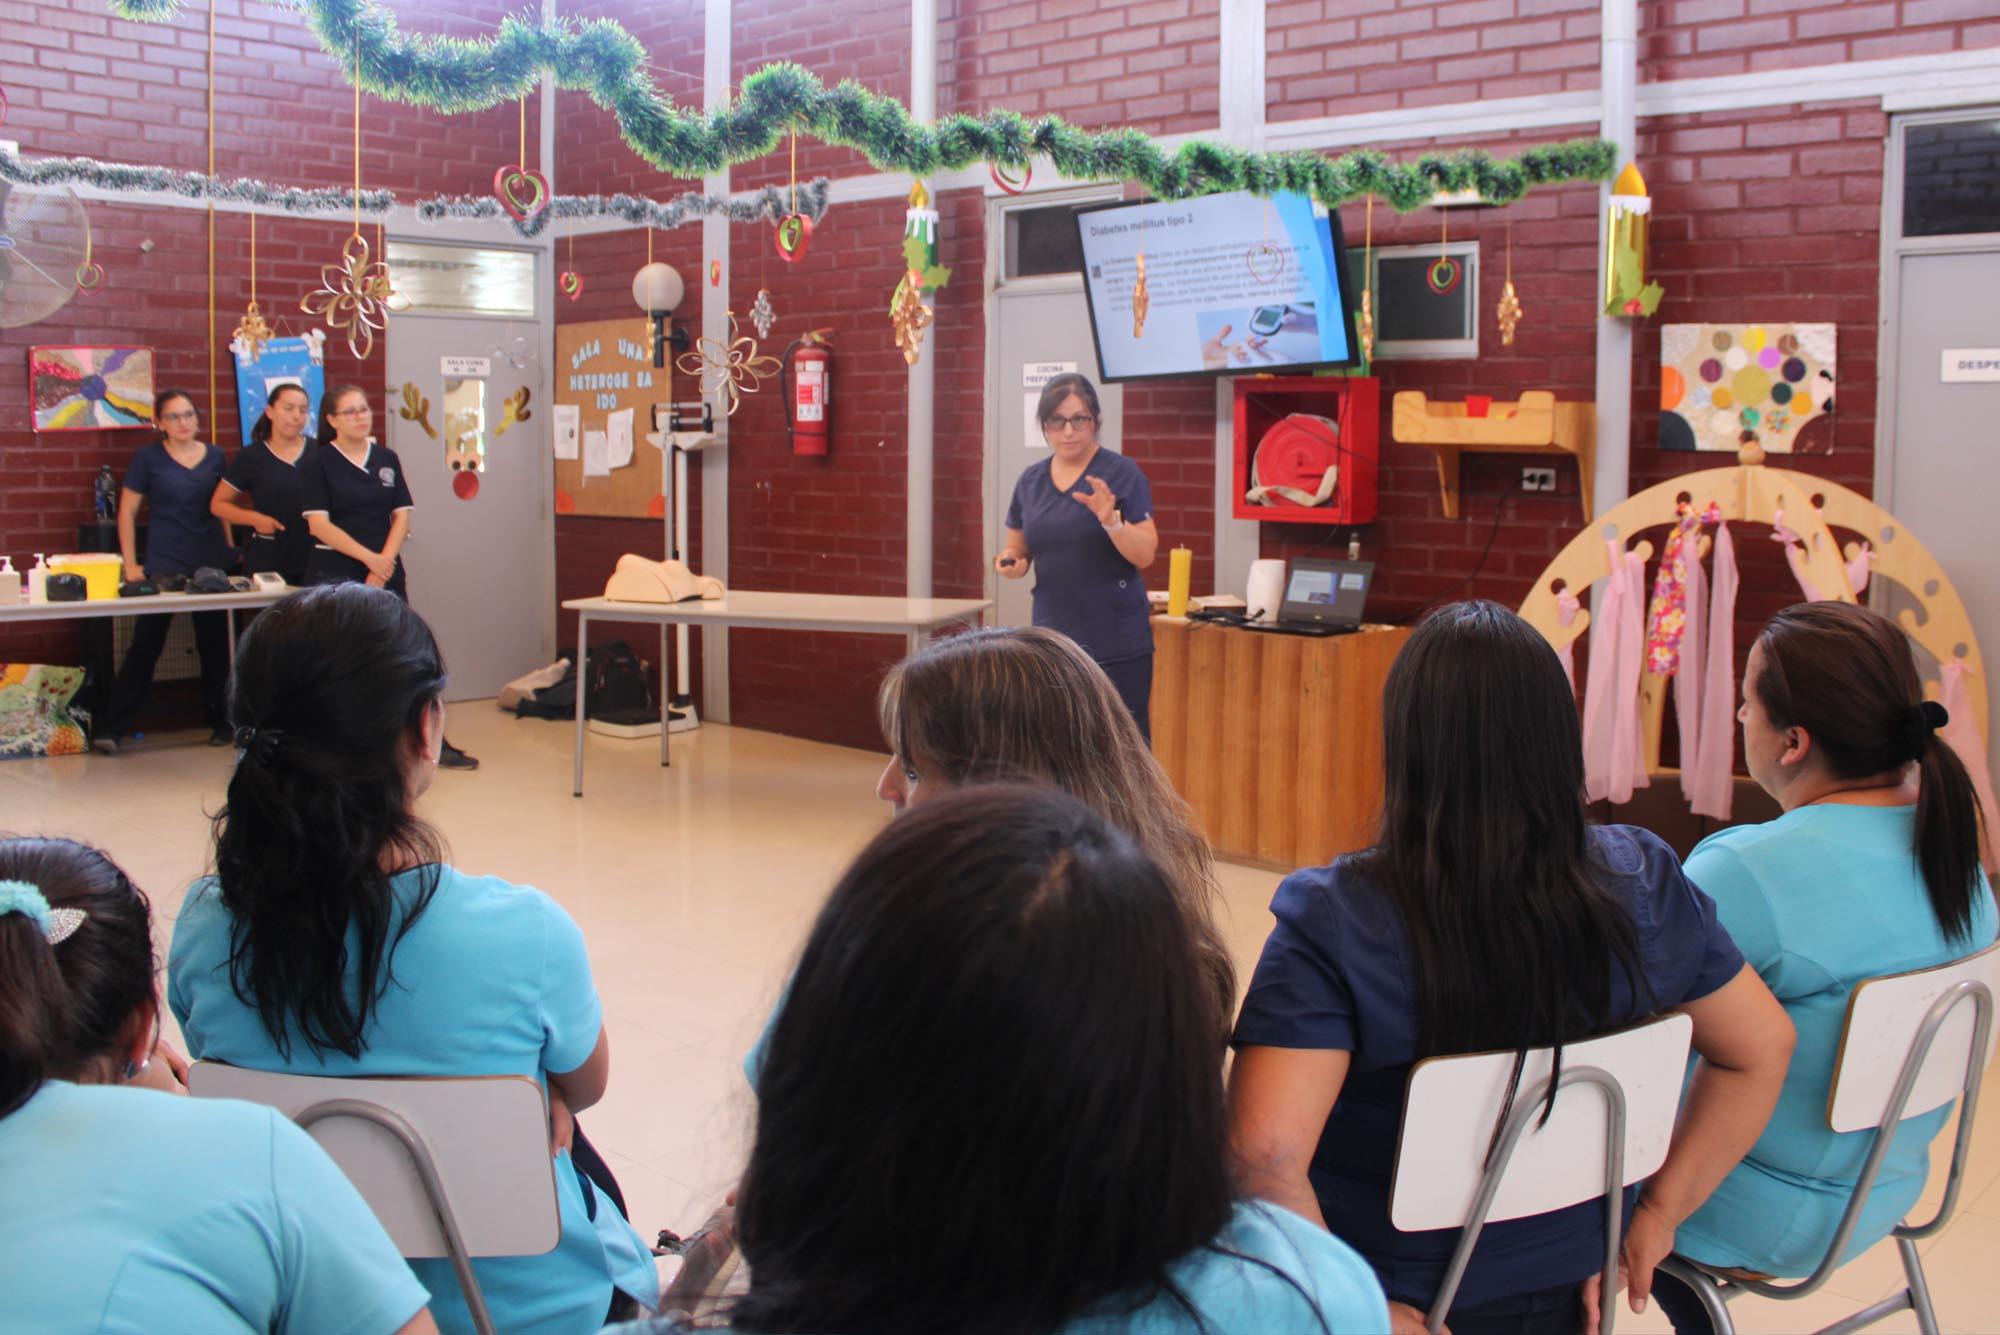 Aprendizaje-servicio: la metodología de enseñanza con la que Enfermería UCM impacta en la comunidad